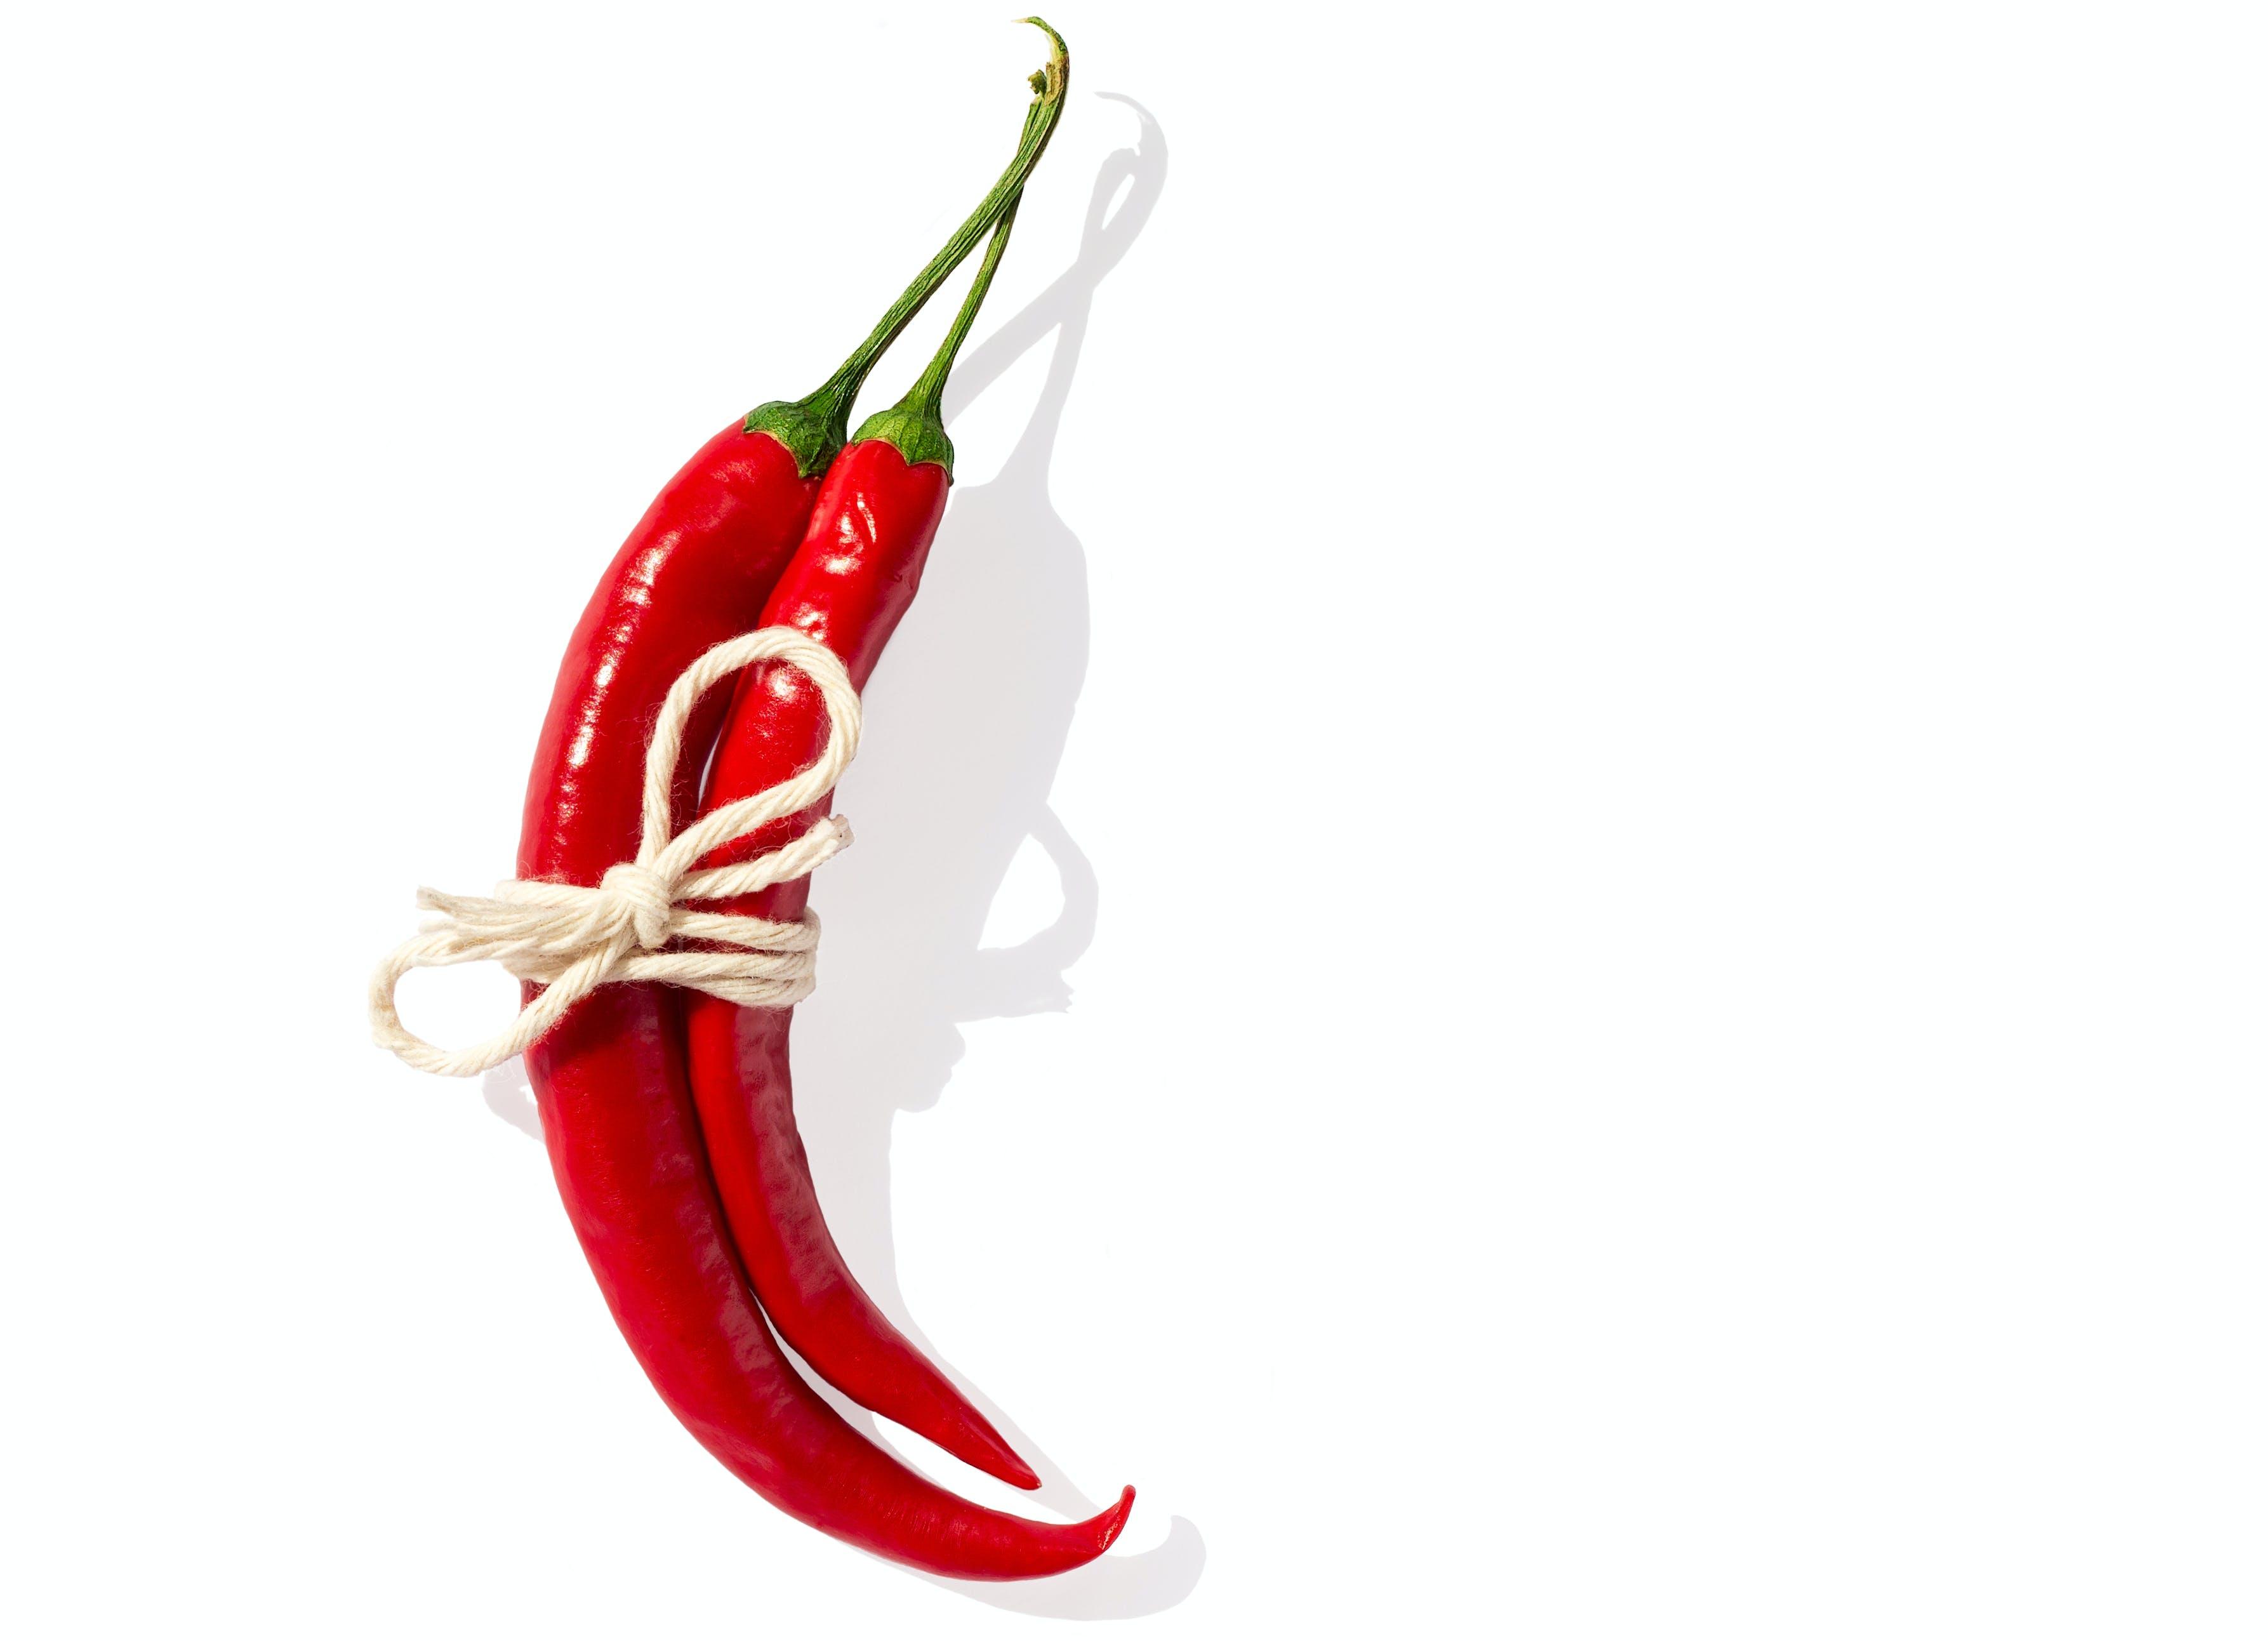 Ilmainen kuvapankkikuva tunnisteilla chilipippuri, chilipippurit, kuuma, punainen